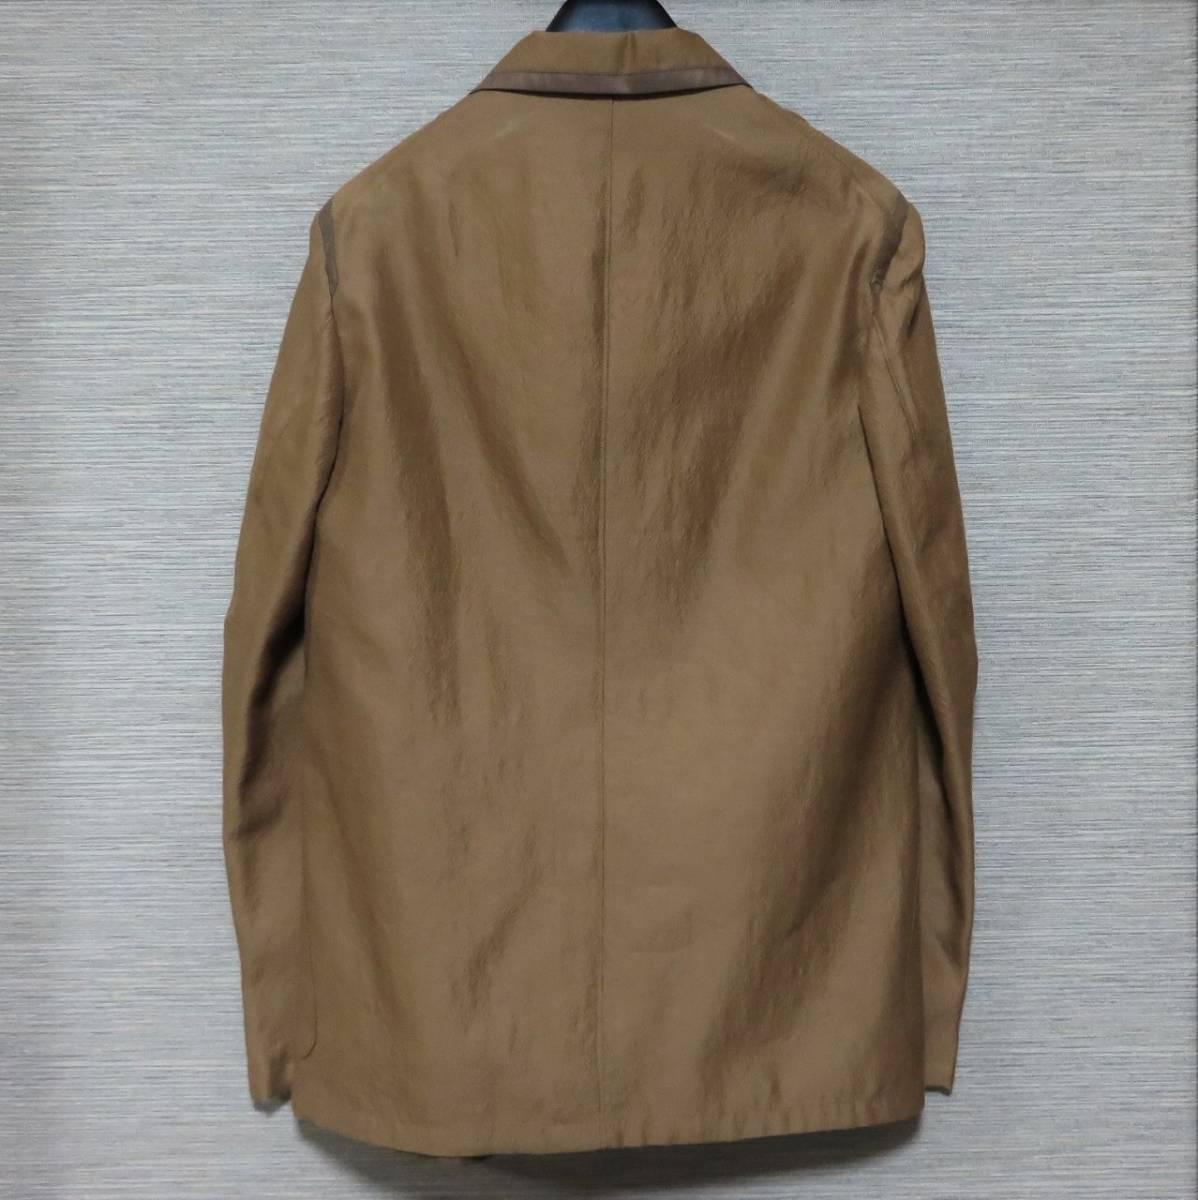 即決 新品 m's braque ウール シルク パイピング ジャケット 38 ブラウン 日本製 エムズブラック メンズ ms 1LDK_画像4